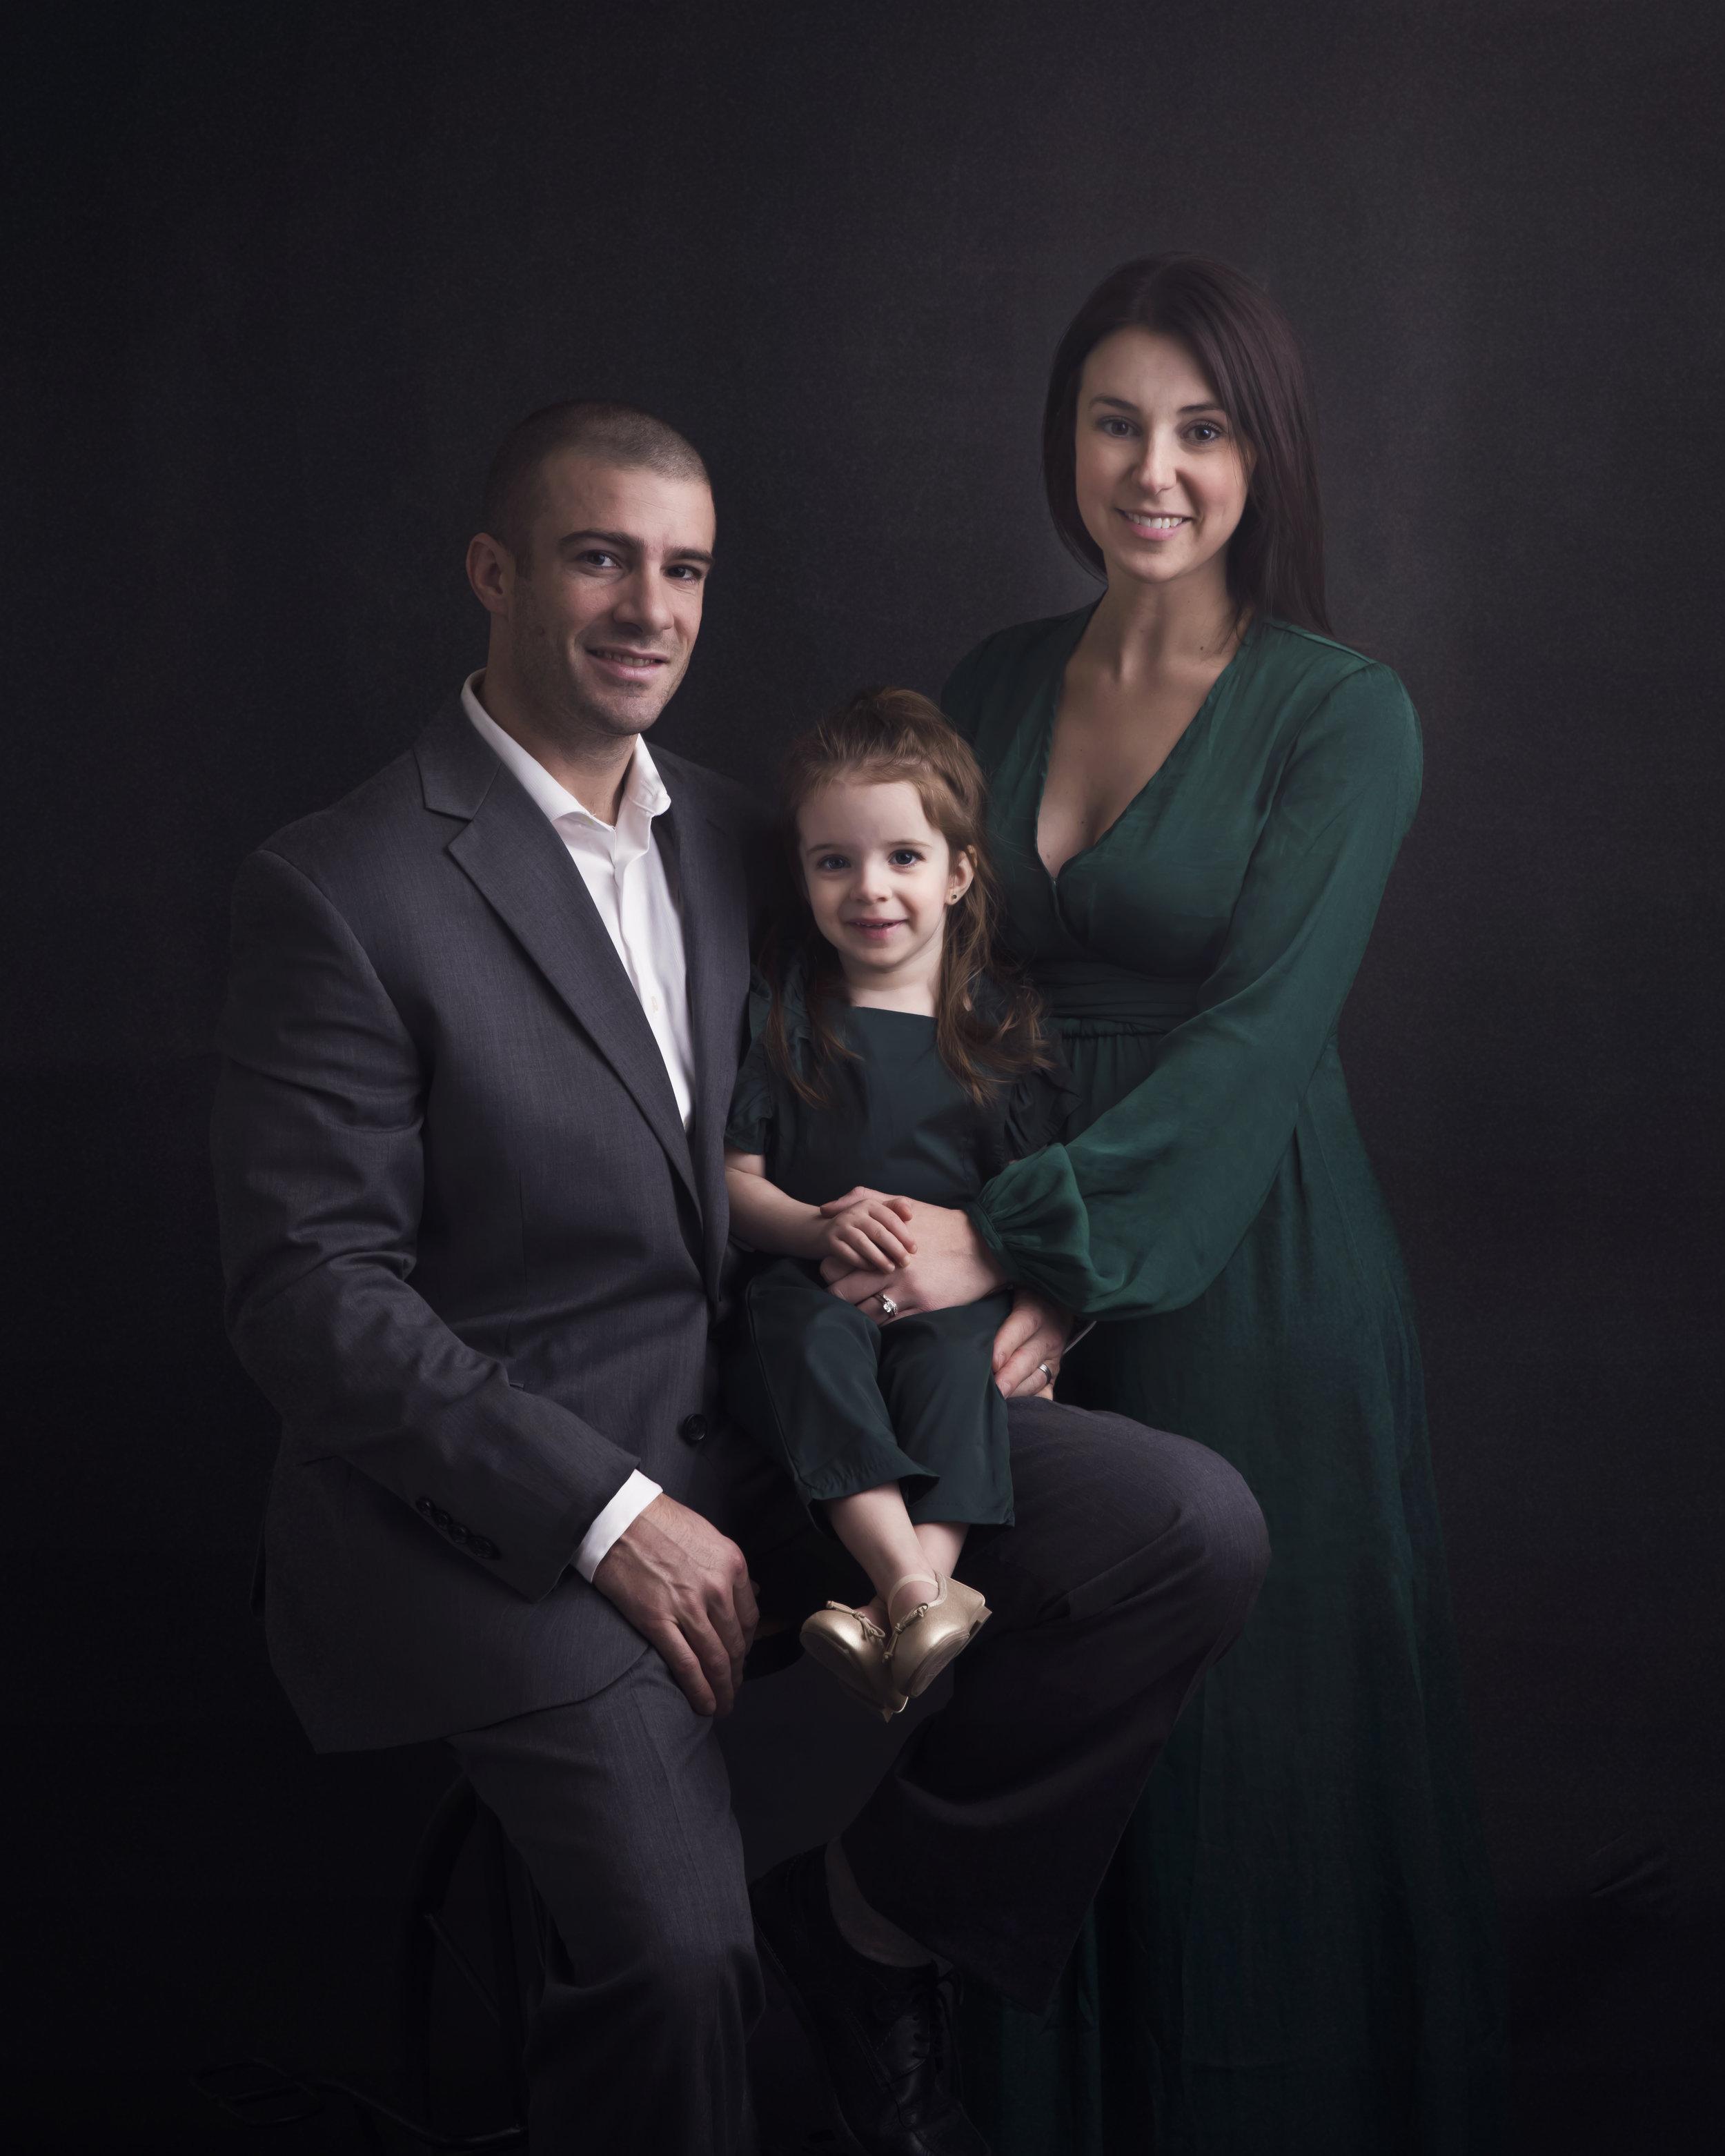 Best Family Photographer in Buffalo, NY